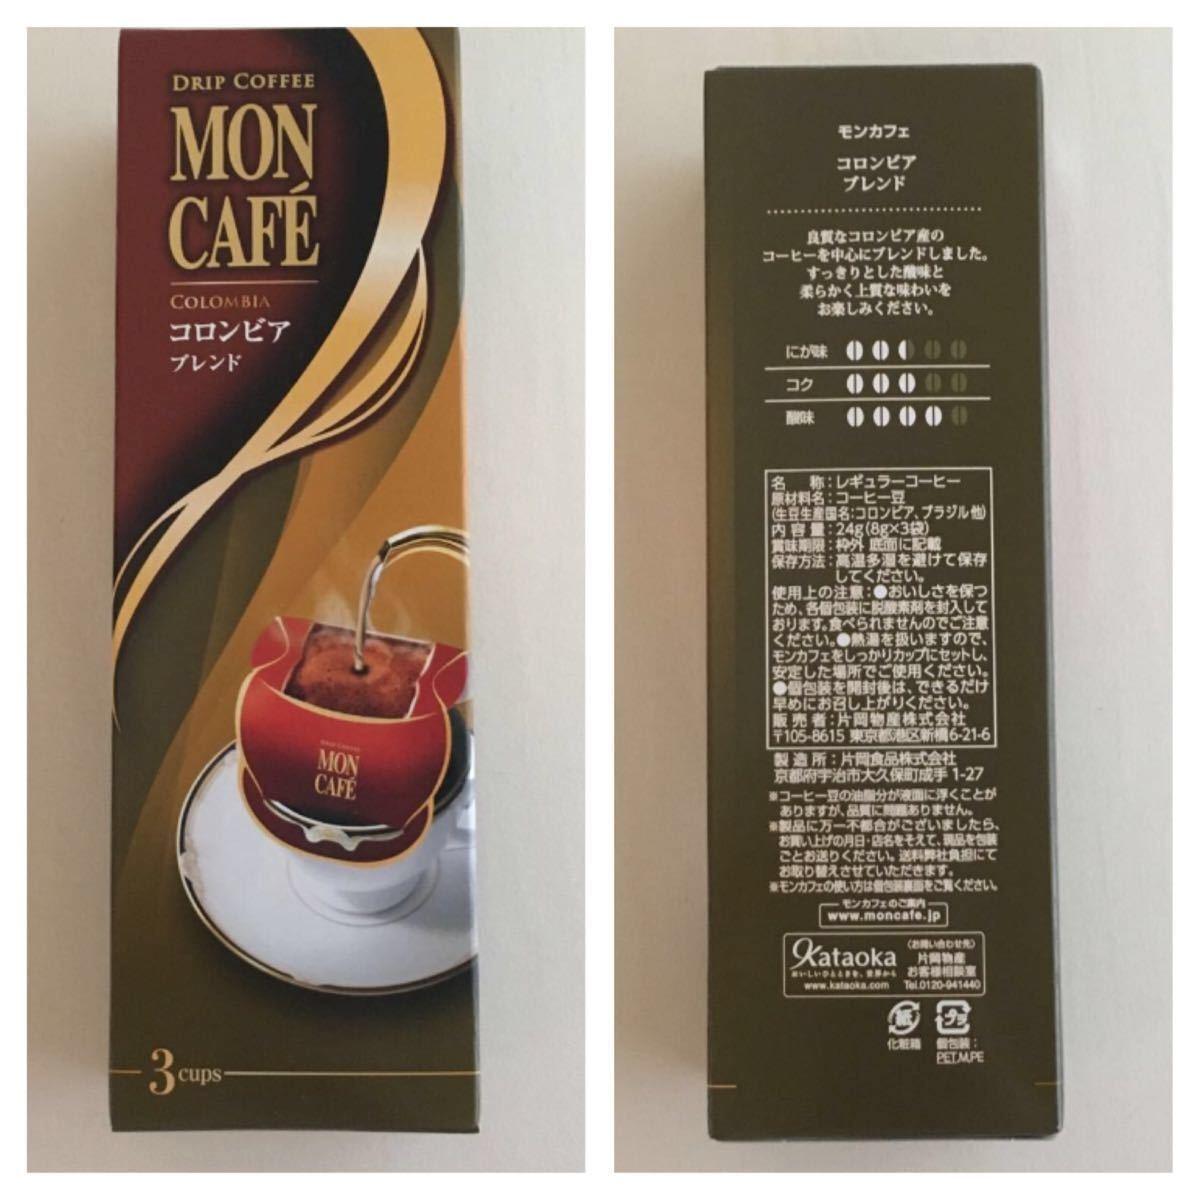 2021 スタバ オリガミ パーソンドリップ & モンカフェ コロンビアブレンド ドリップコーヒー